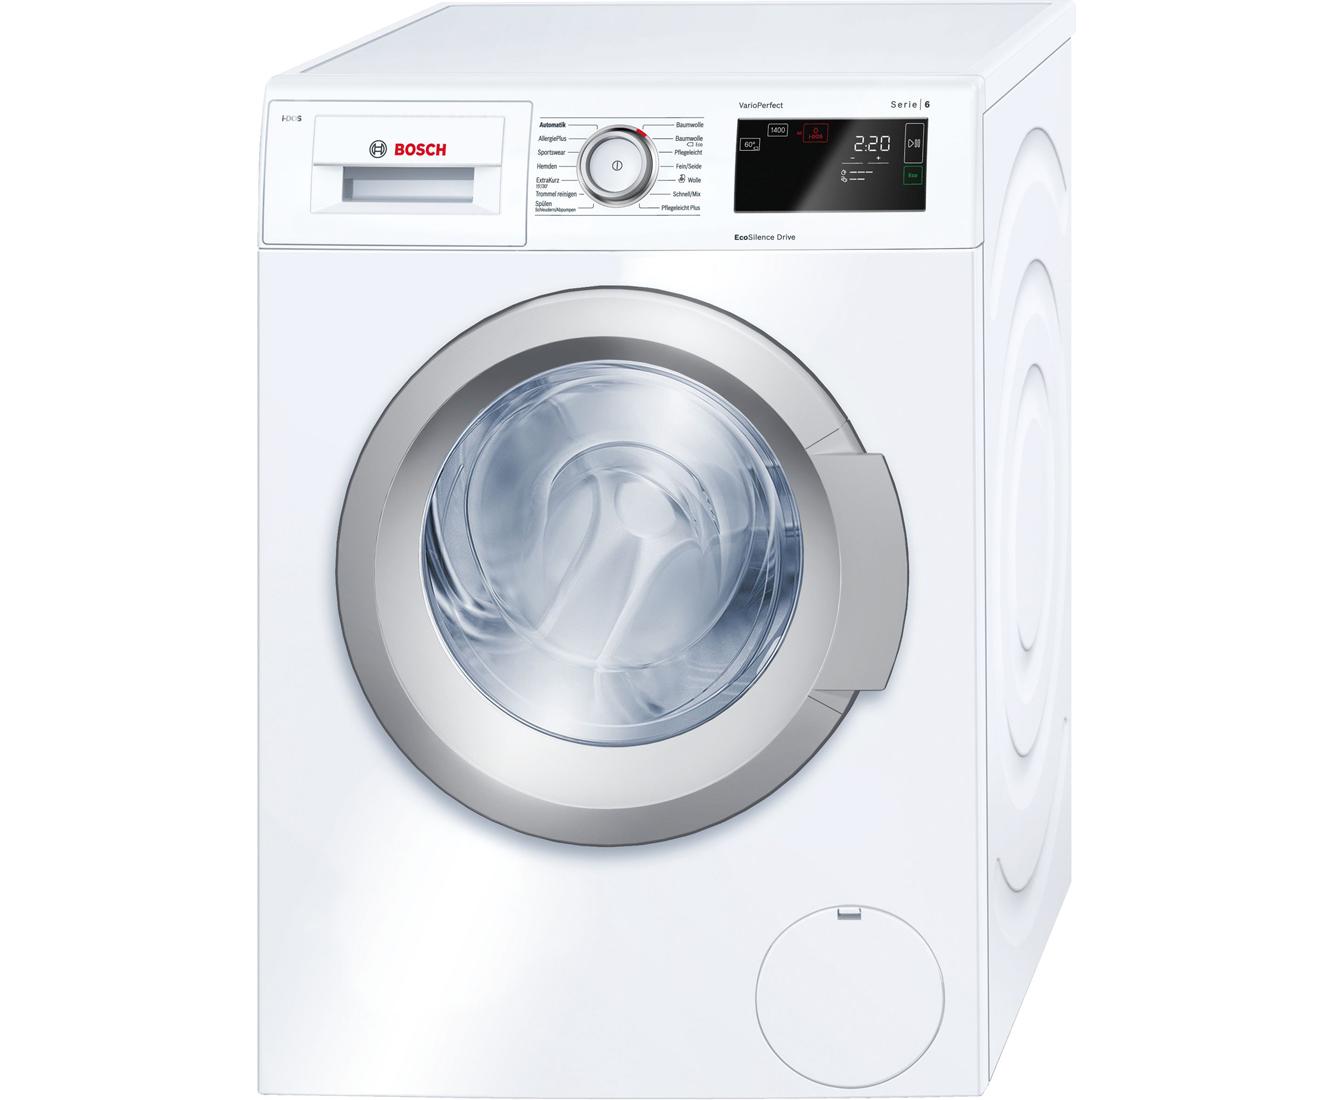 Bosch Waschmaschine Serie 6 Bedienungsanleitung